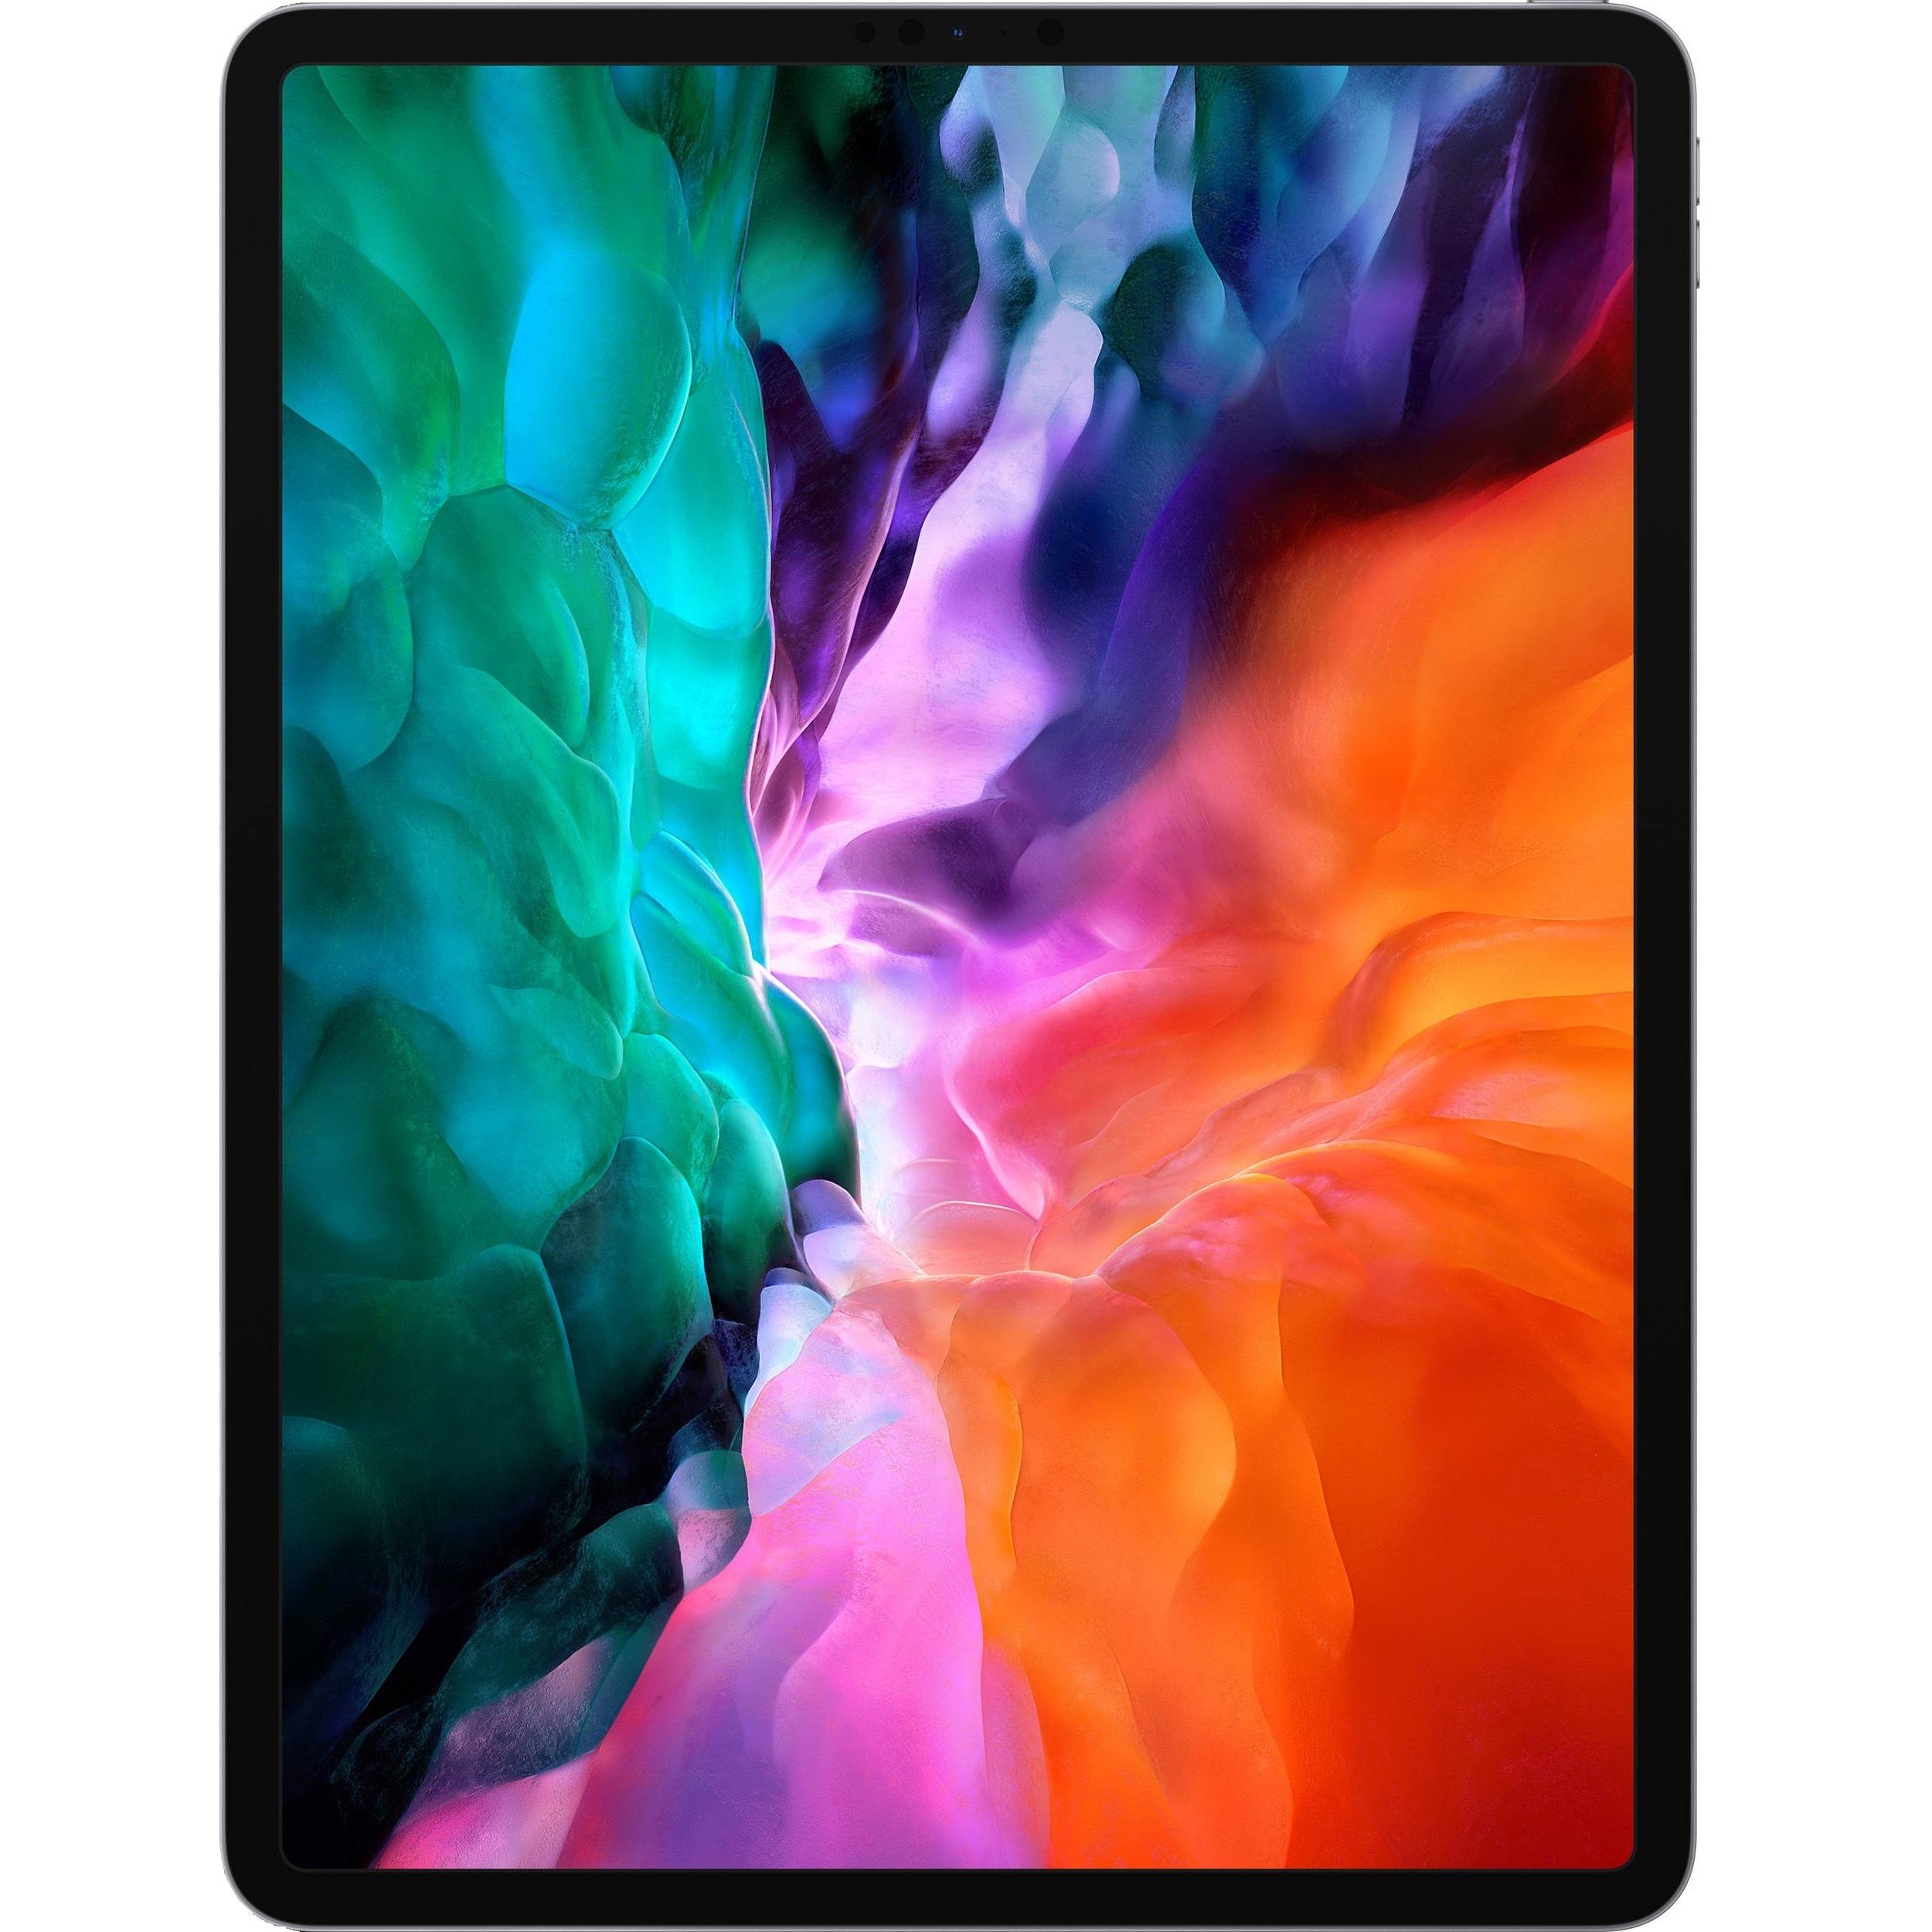 تبلت اپل مدل iPad Pro 2020 12.9 inch WiFi ظرفیت 1 ترابایت